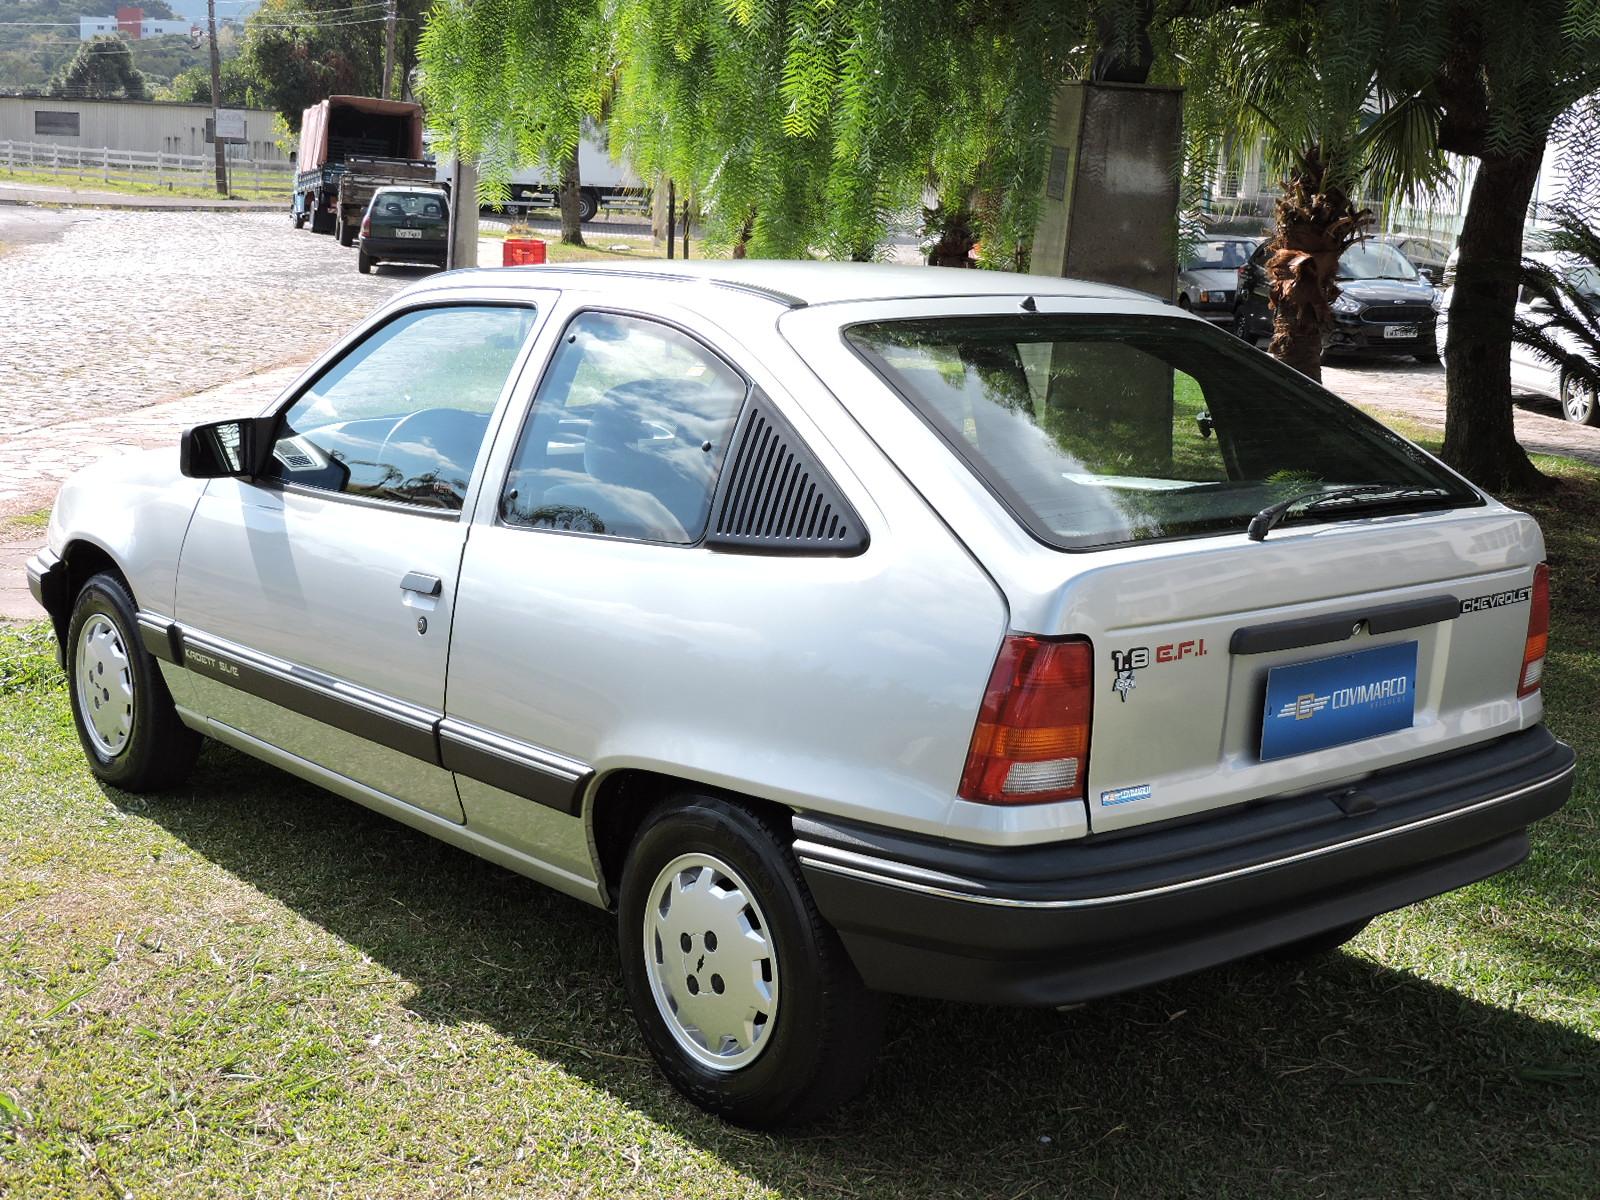 dscn3500-3